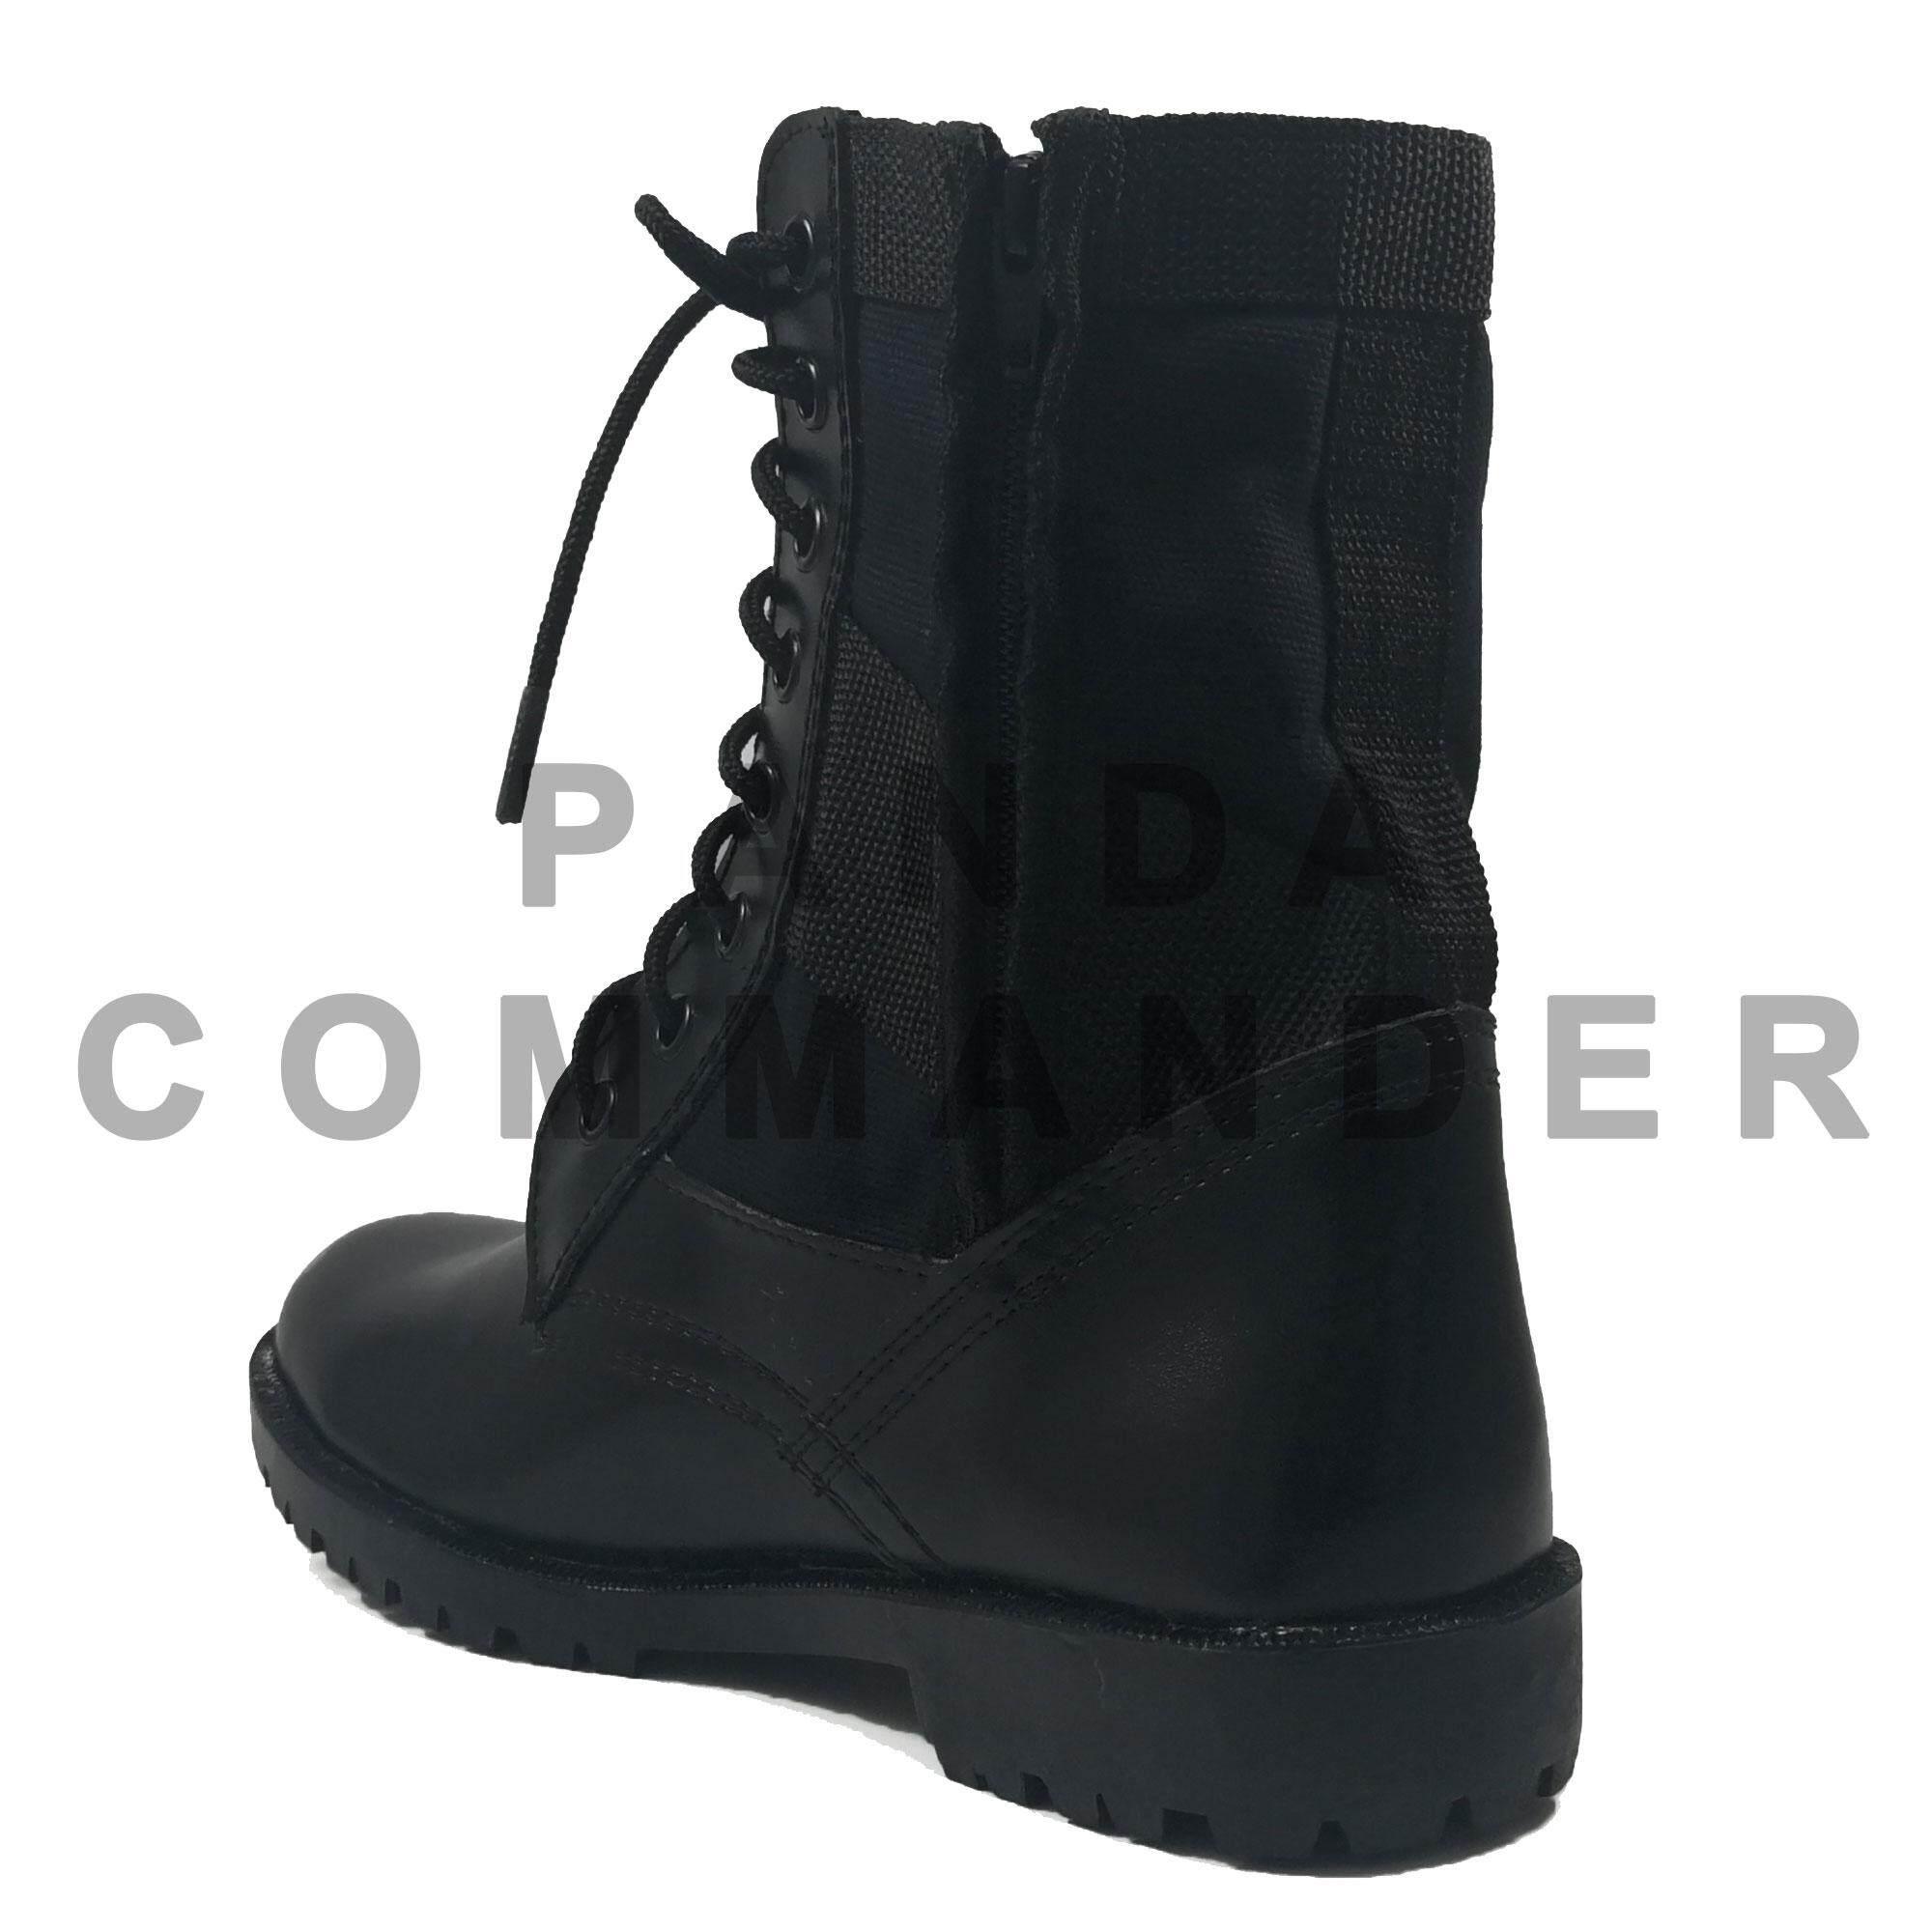 รองเท้าจังเกิ้ล รองเท้ารด รองเท้าทหาร แบบ มีซิปข้าง.